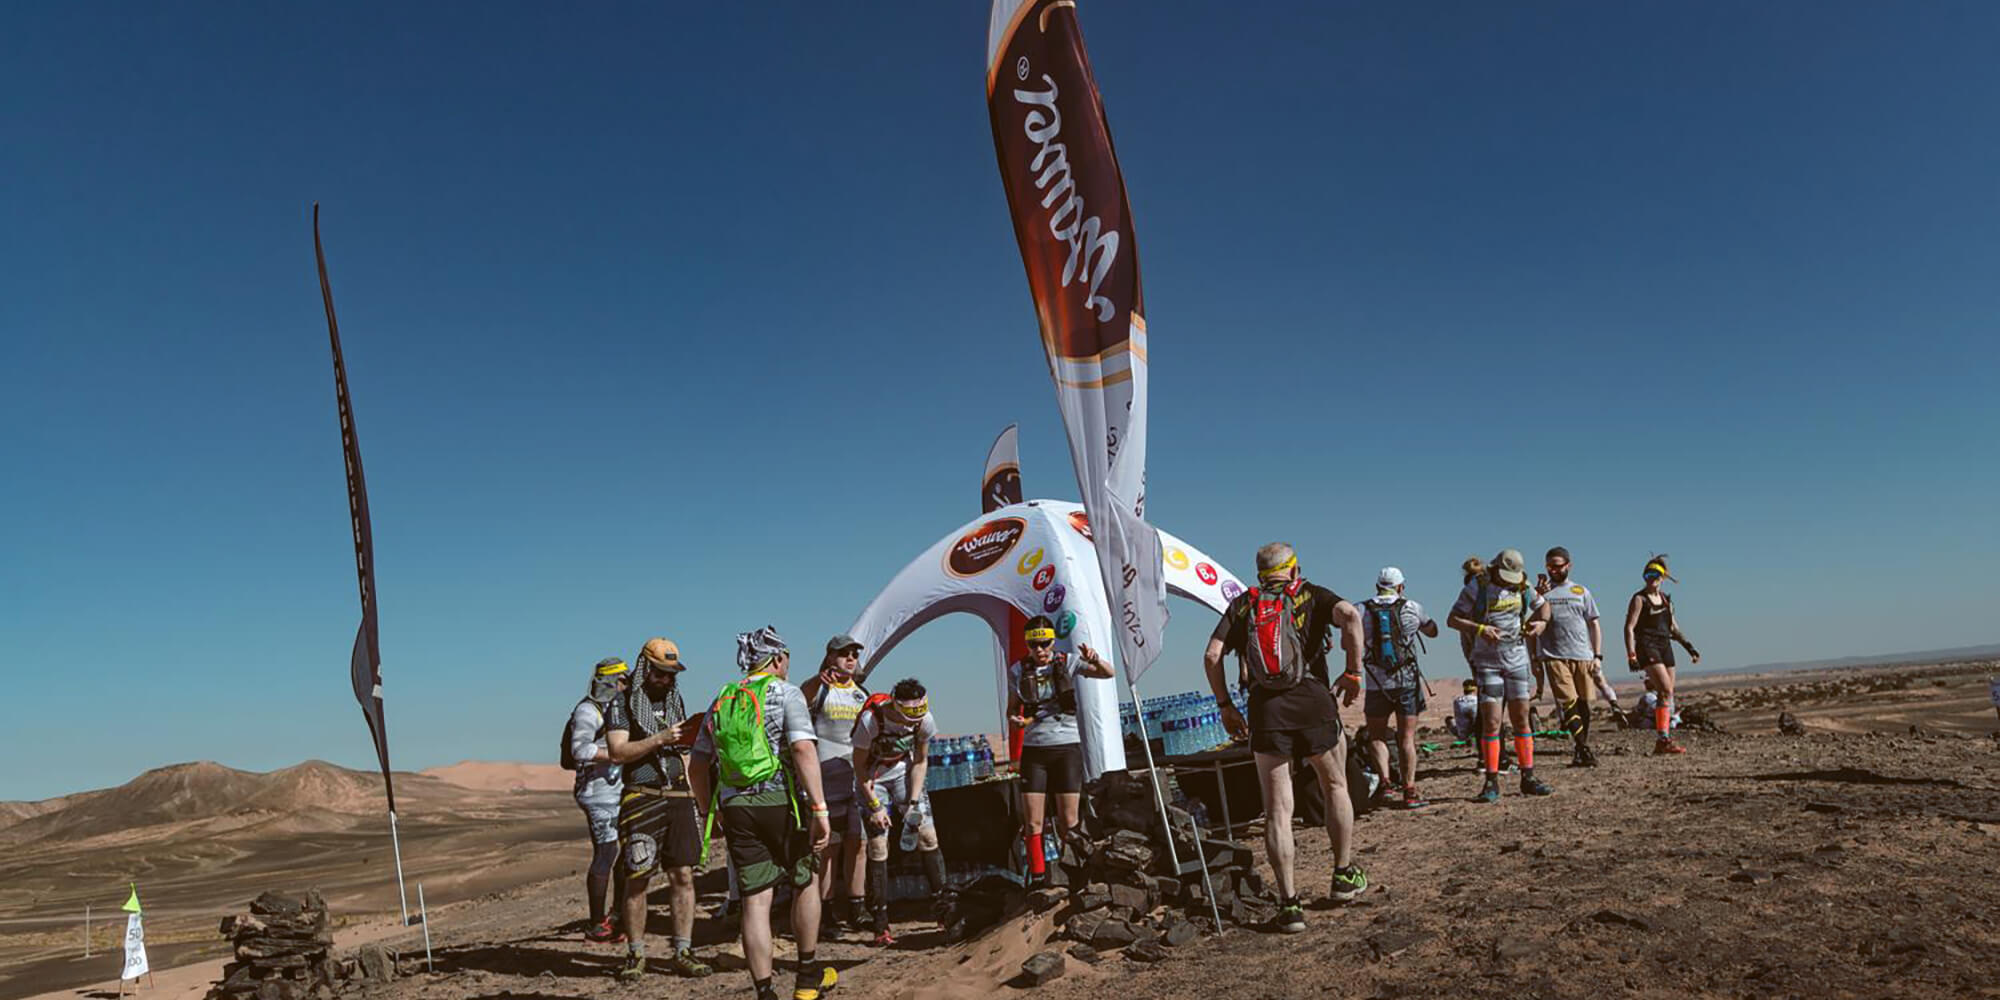 Flagi reklamowe podczas biegu na Saharze.